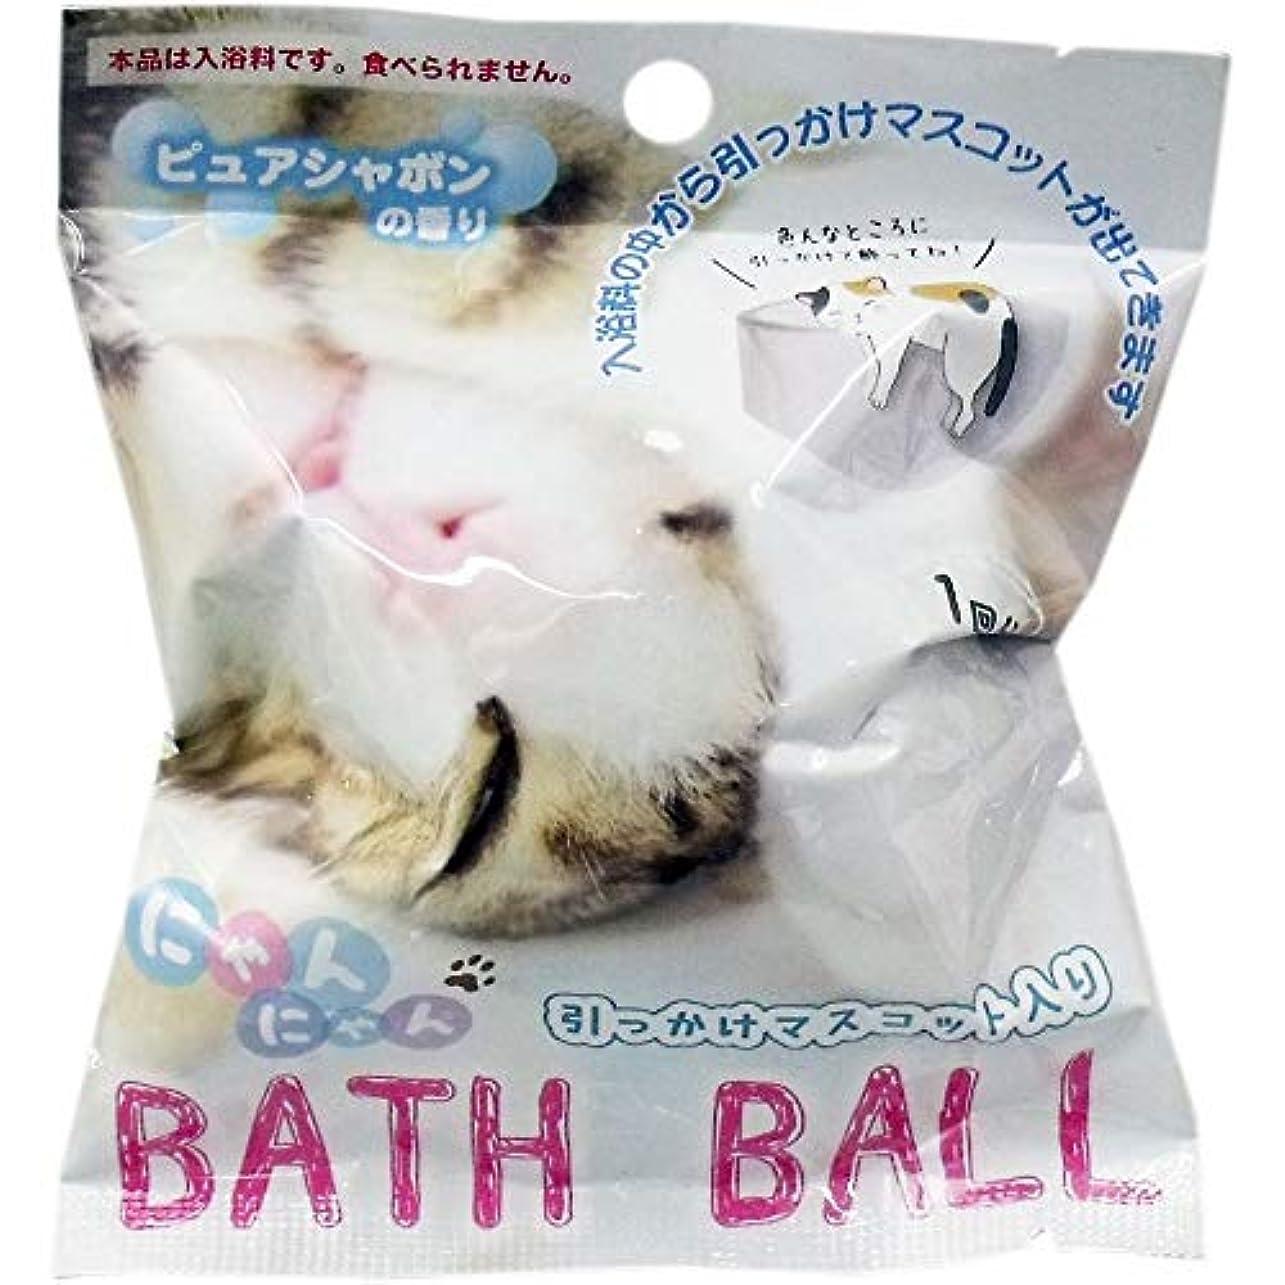 見出し行うスペース【2個セット】 バスボール 入浴剤 中身はおまかせ 動物 にゃんにゃん ネコ 全5種 ピュアシャボンの香り